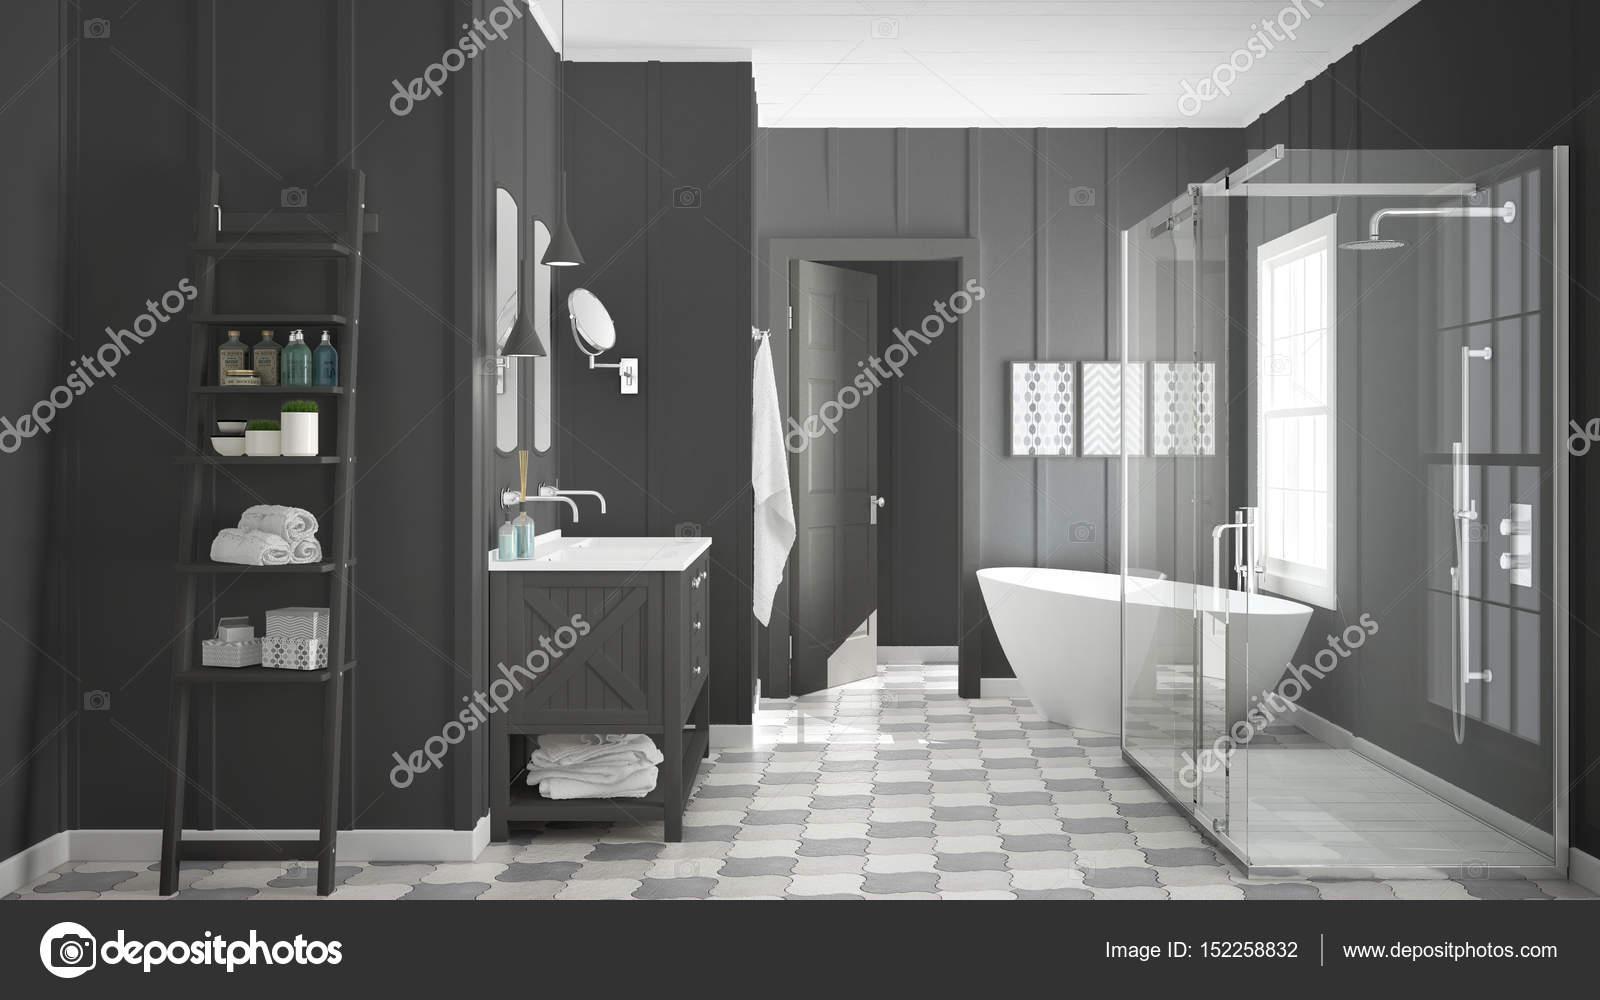 Skandinavische Minimalistische Weiße Und Graue Bad, Dusche, Badewanne U2014  Stockfoto